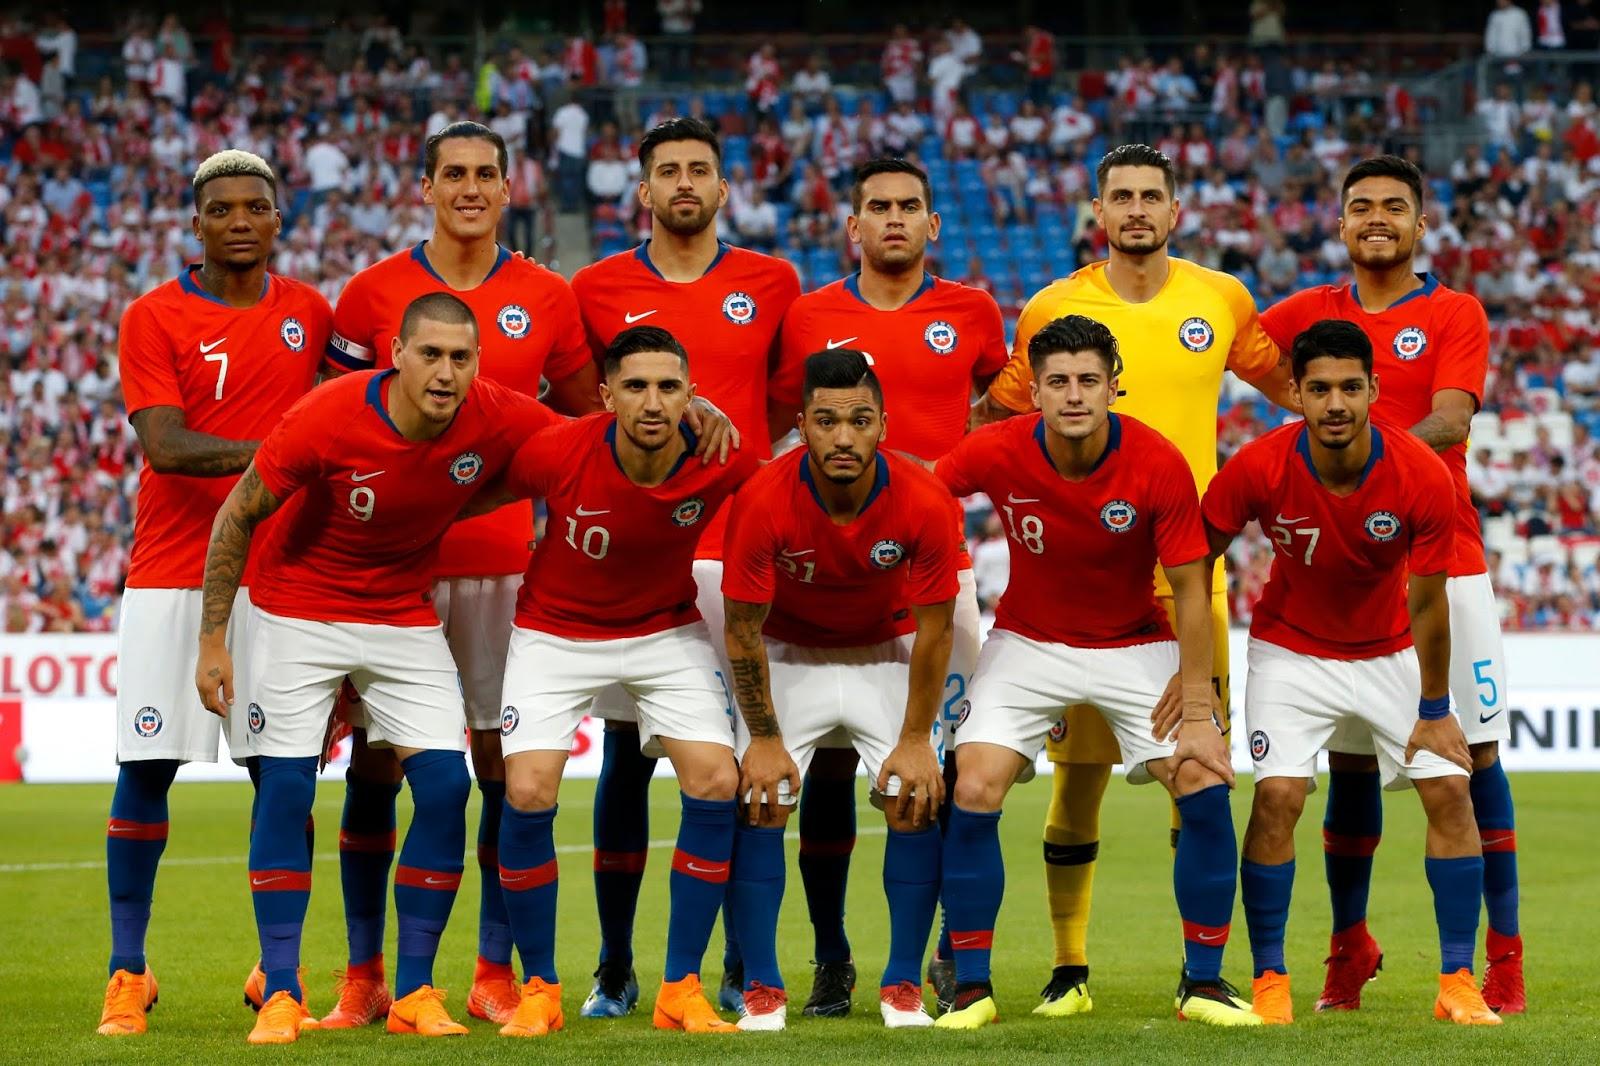 Formación de Chile ante Polonia, amistoso disputado el 8 de junio de 2018